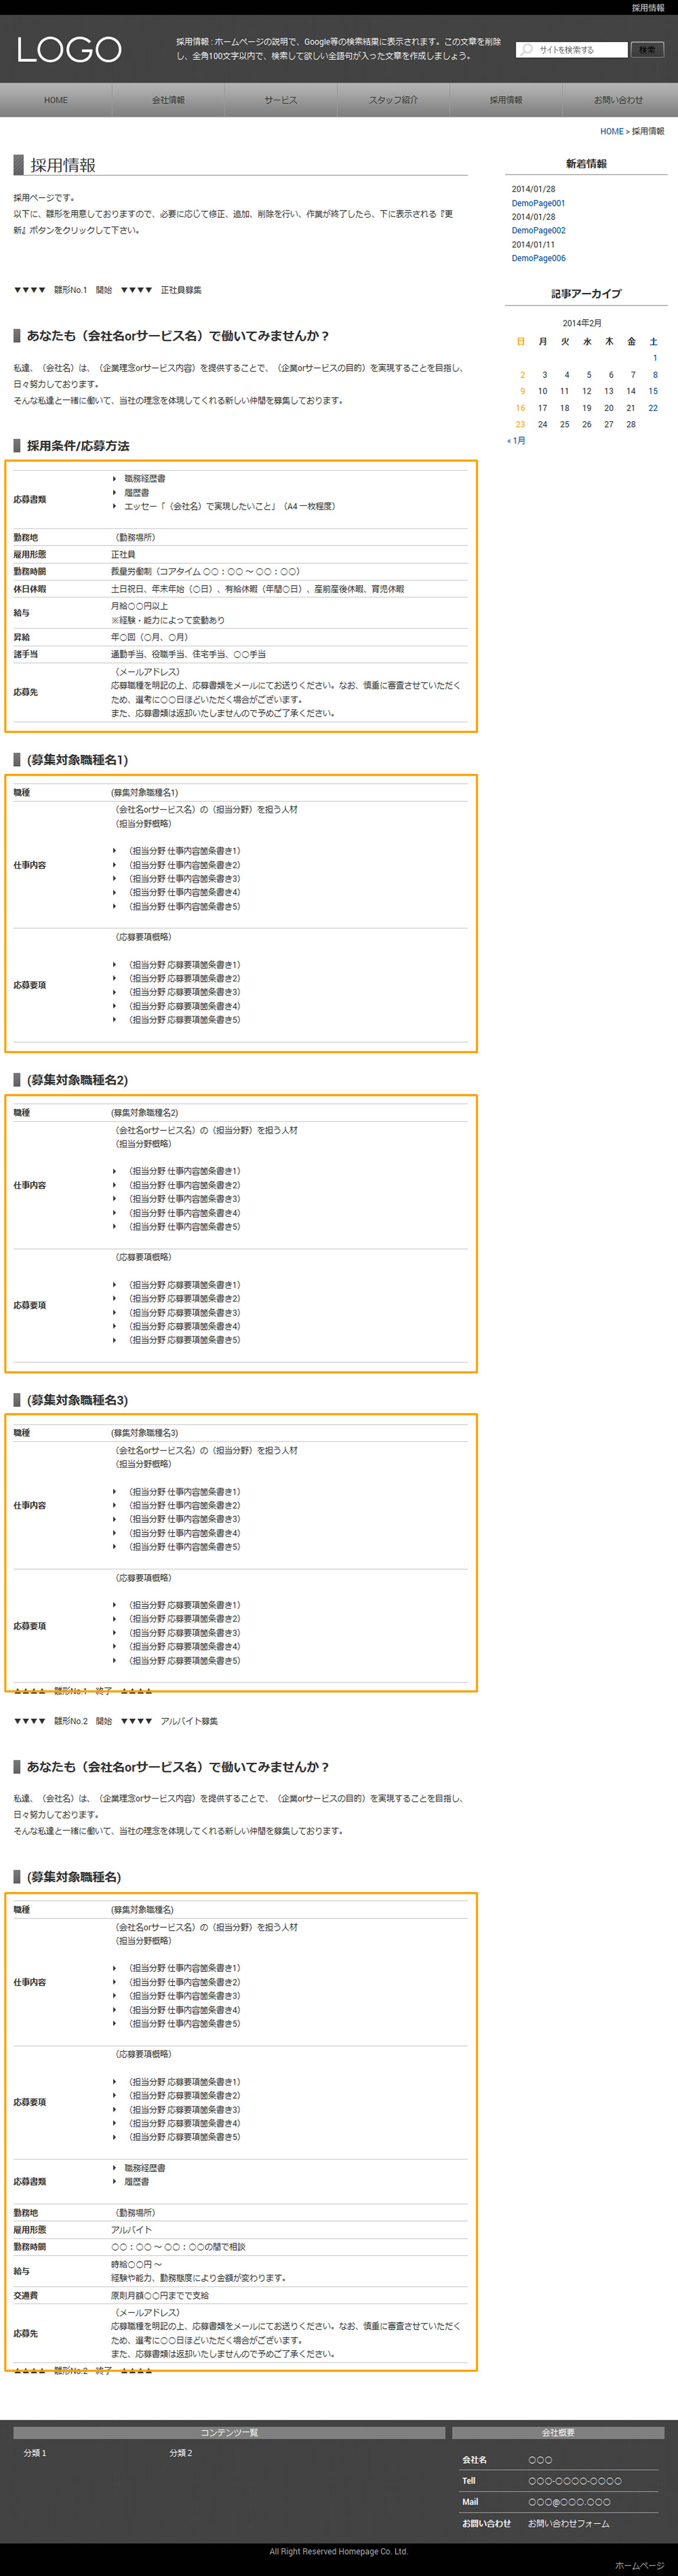 CSSマニュアル:項目[採用情報] - FunMaker[ファンメイカー]